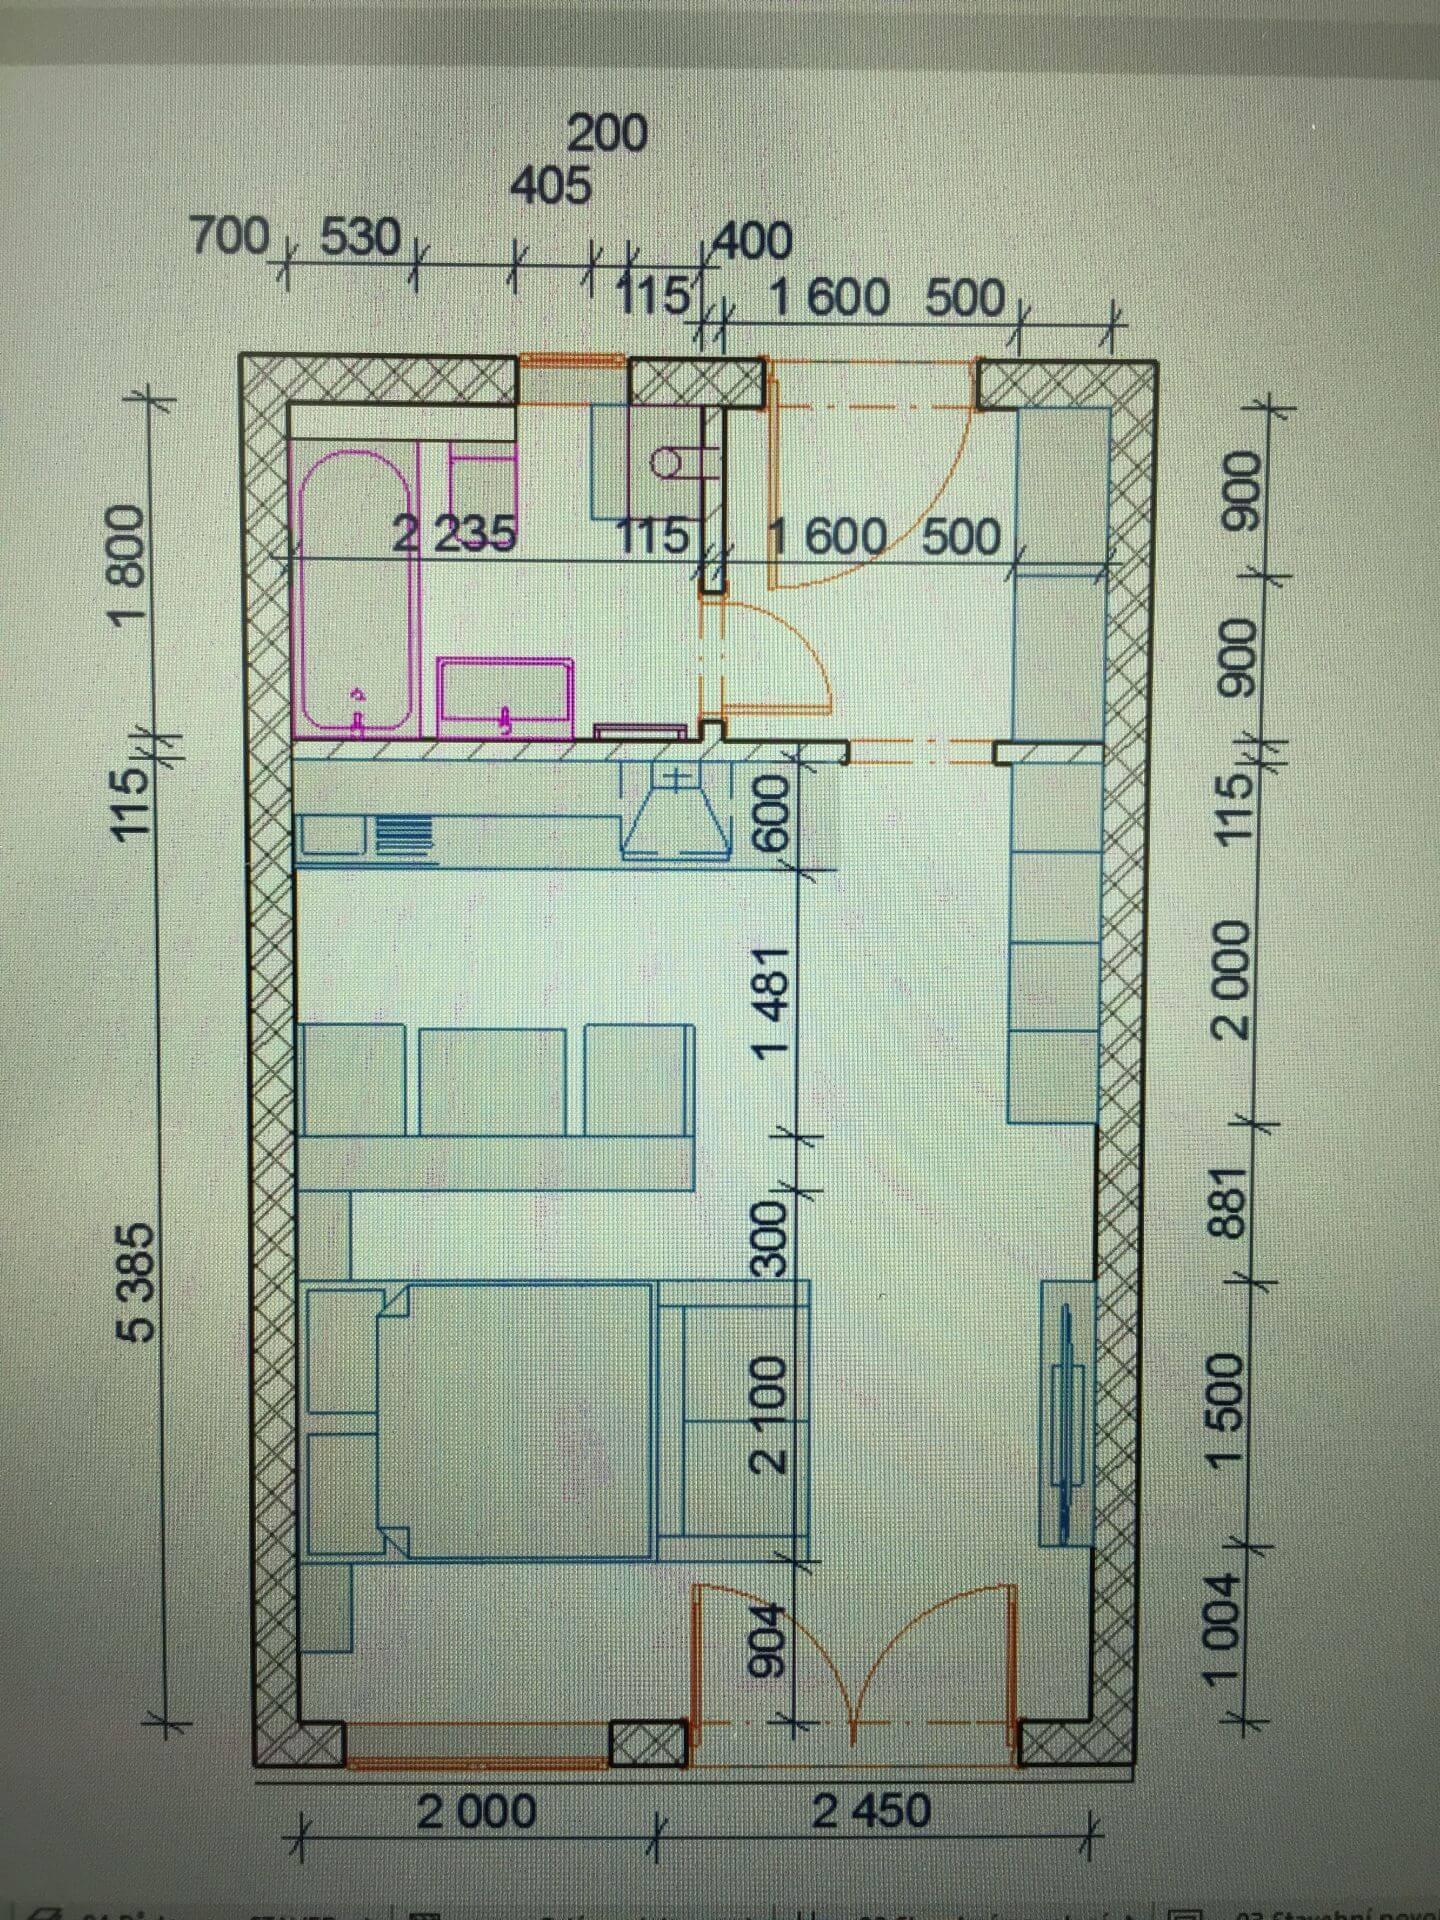 Predané: Predáme 1 izbový byt, Ligurčeková, Podunajská Biskupice, 33,3m2, záhrada 23m2-6